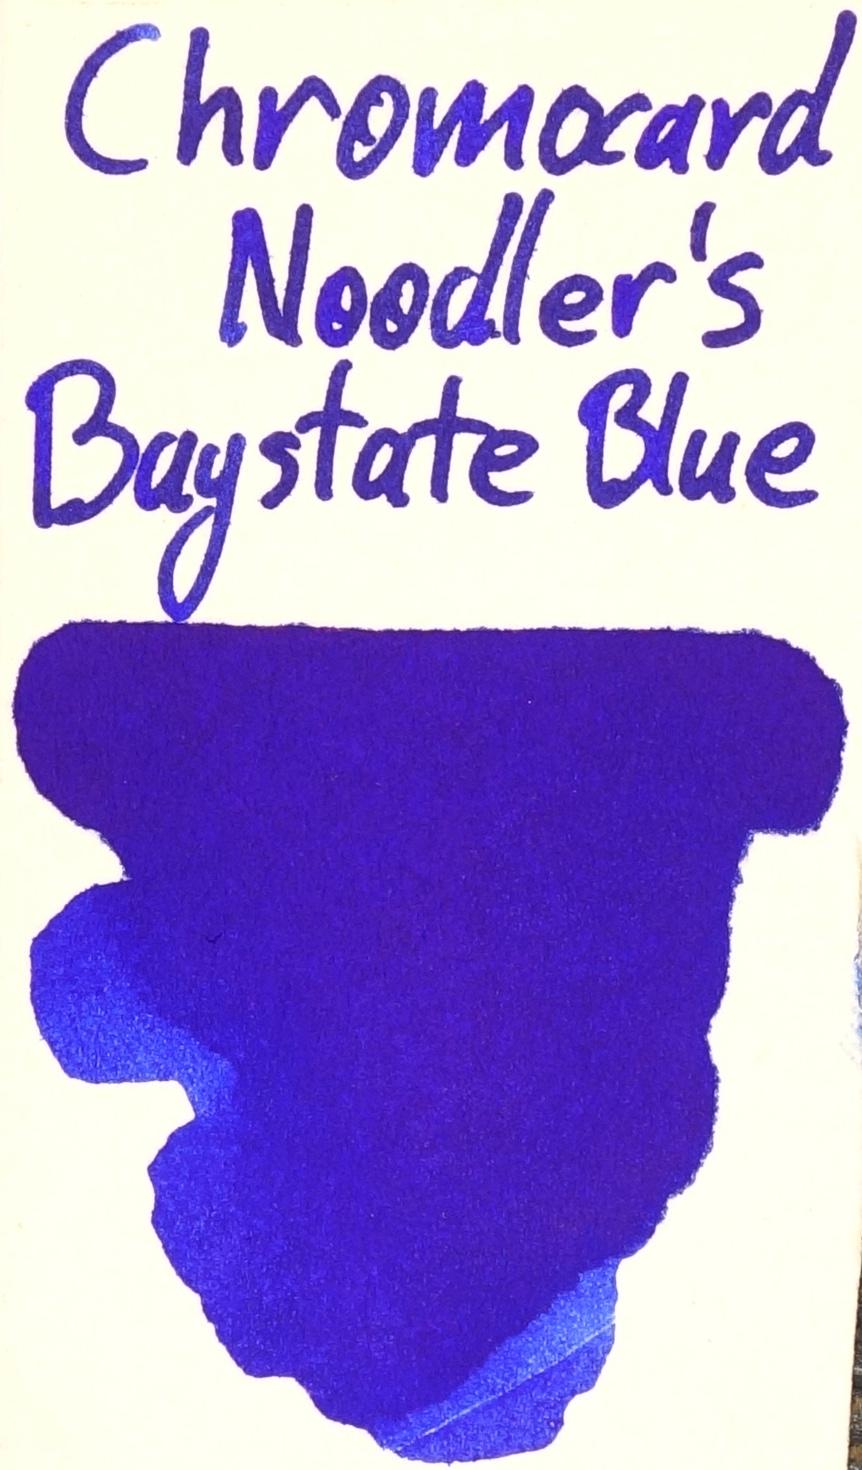 Noodler's Baystate Blue Chromocard.JPG